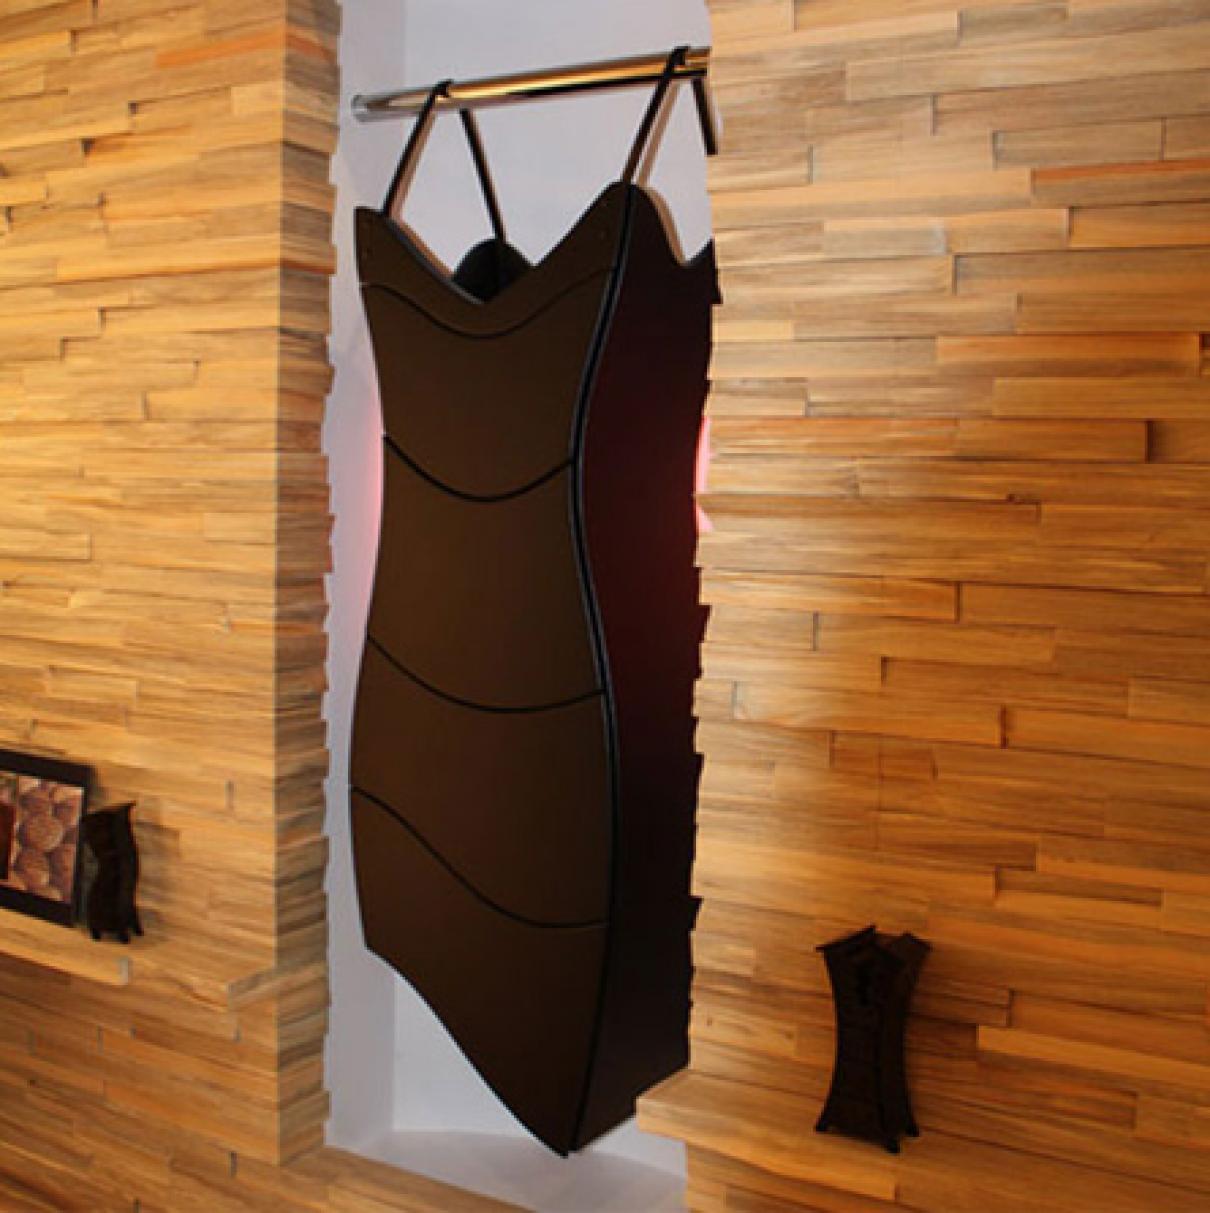 Kast in vorm van een jurk